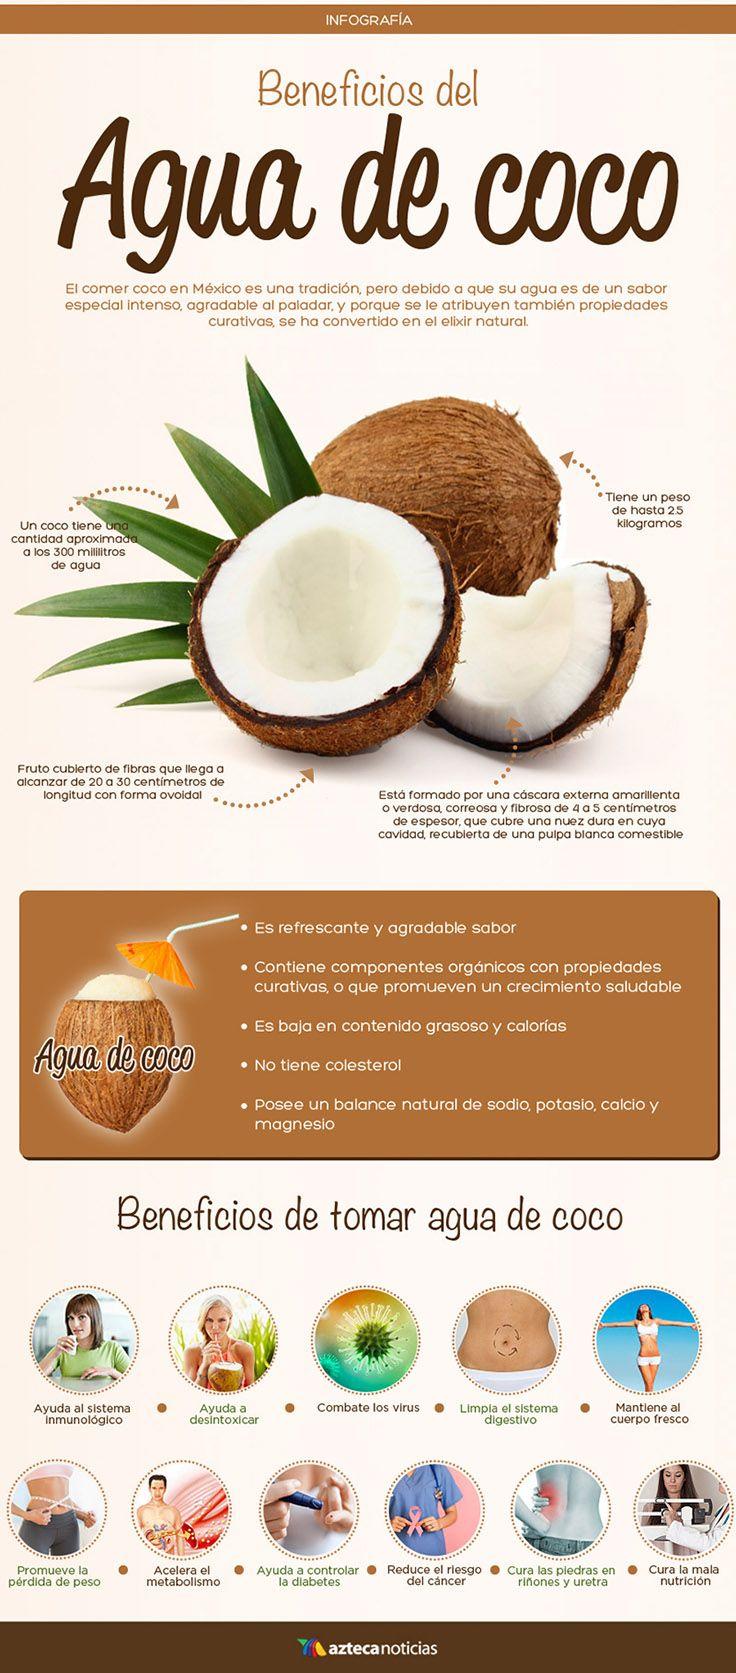 Los beneficios de tomar agua de coco en ayunas. #coco #infografia